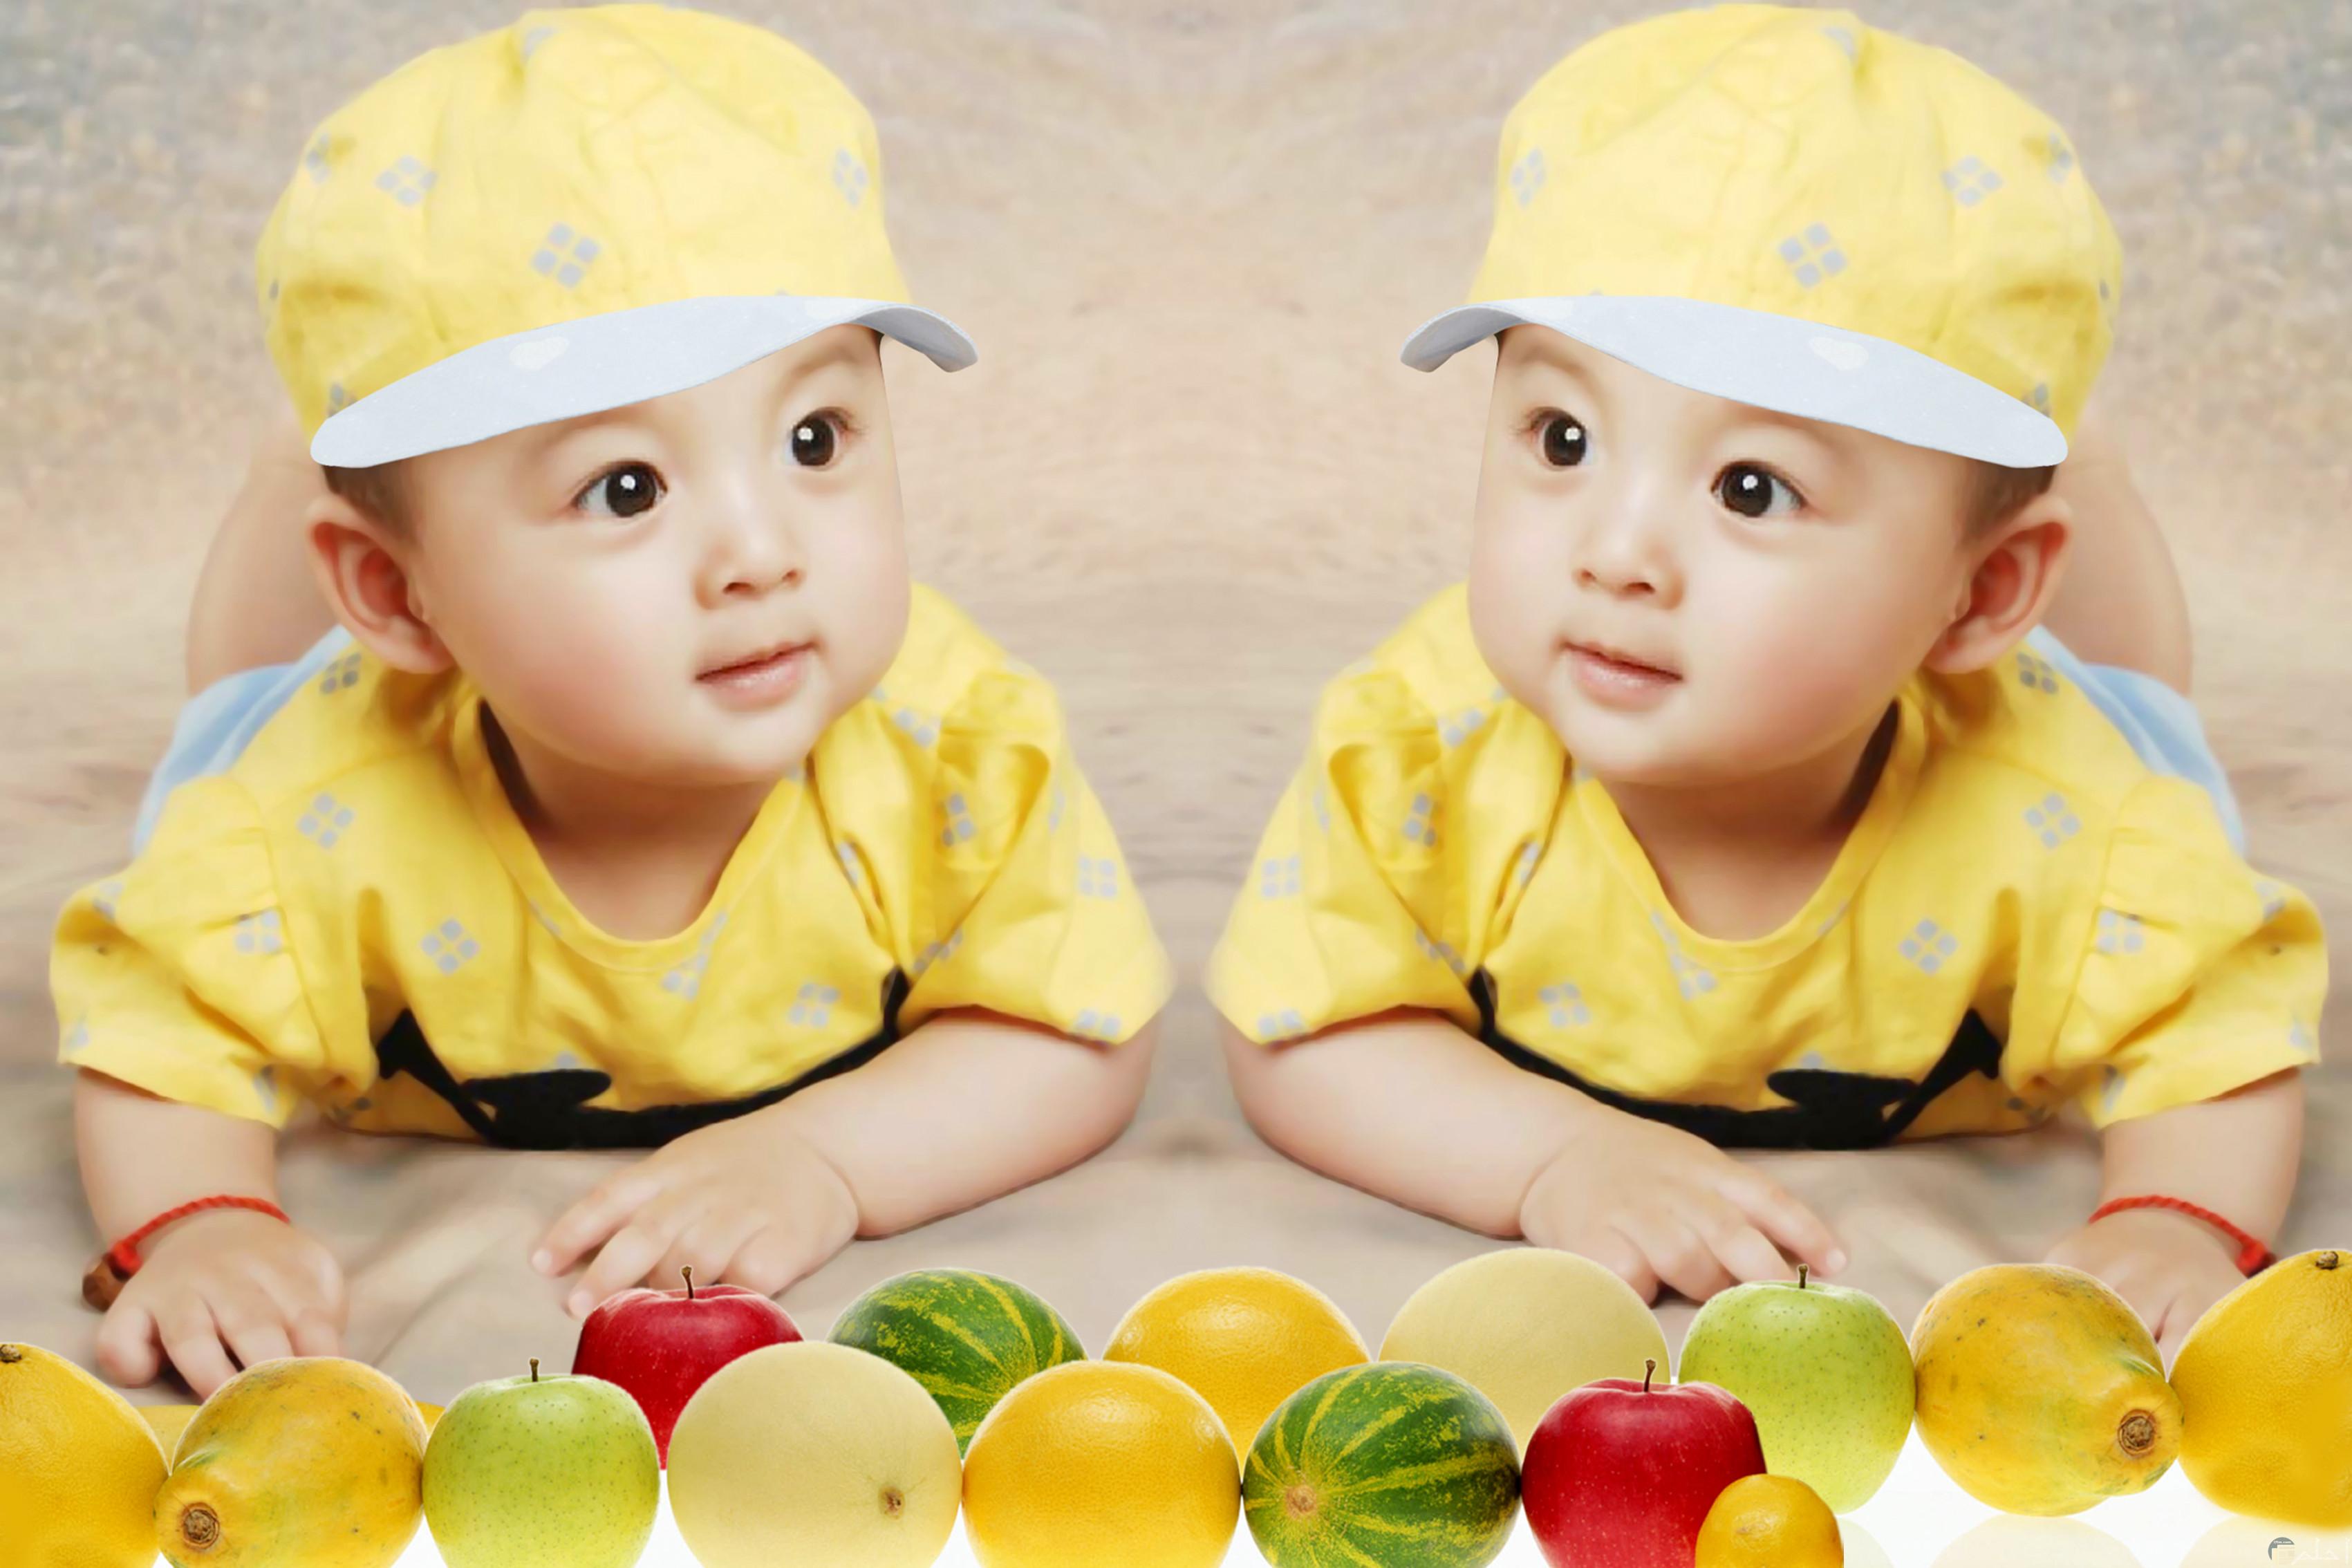 صور أطفال كيوت توائم صغيرين بنفس اللبس باللون الأصفر